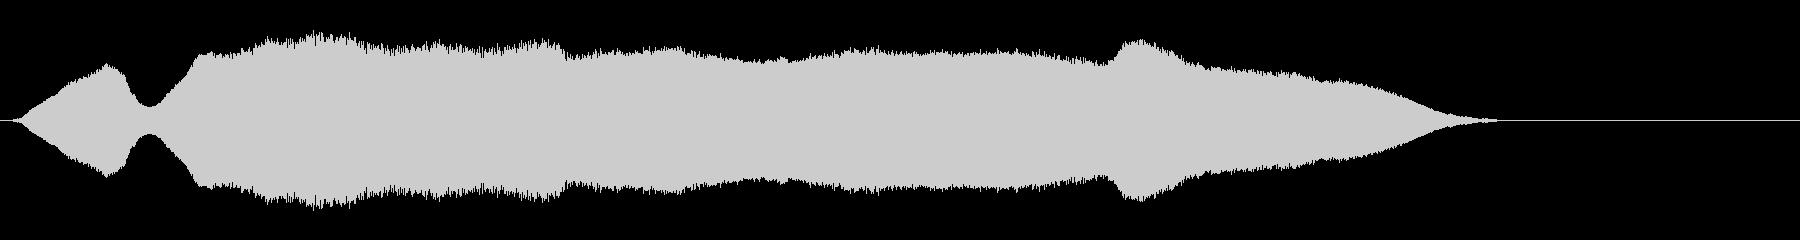 ホイッスルロングダブルブローwavの未再生の波形